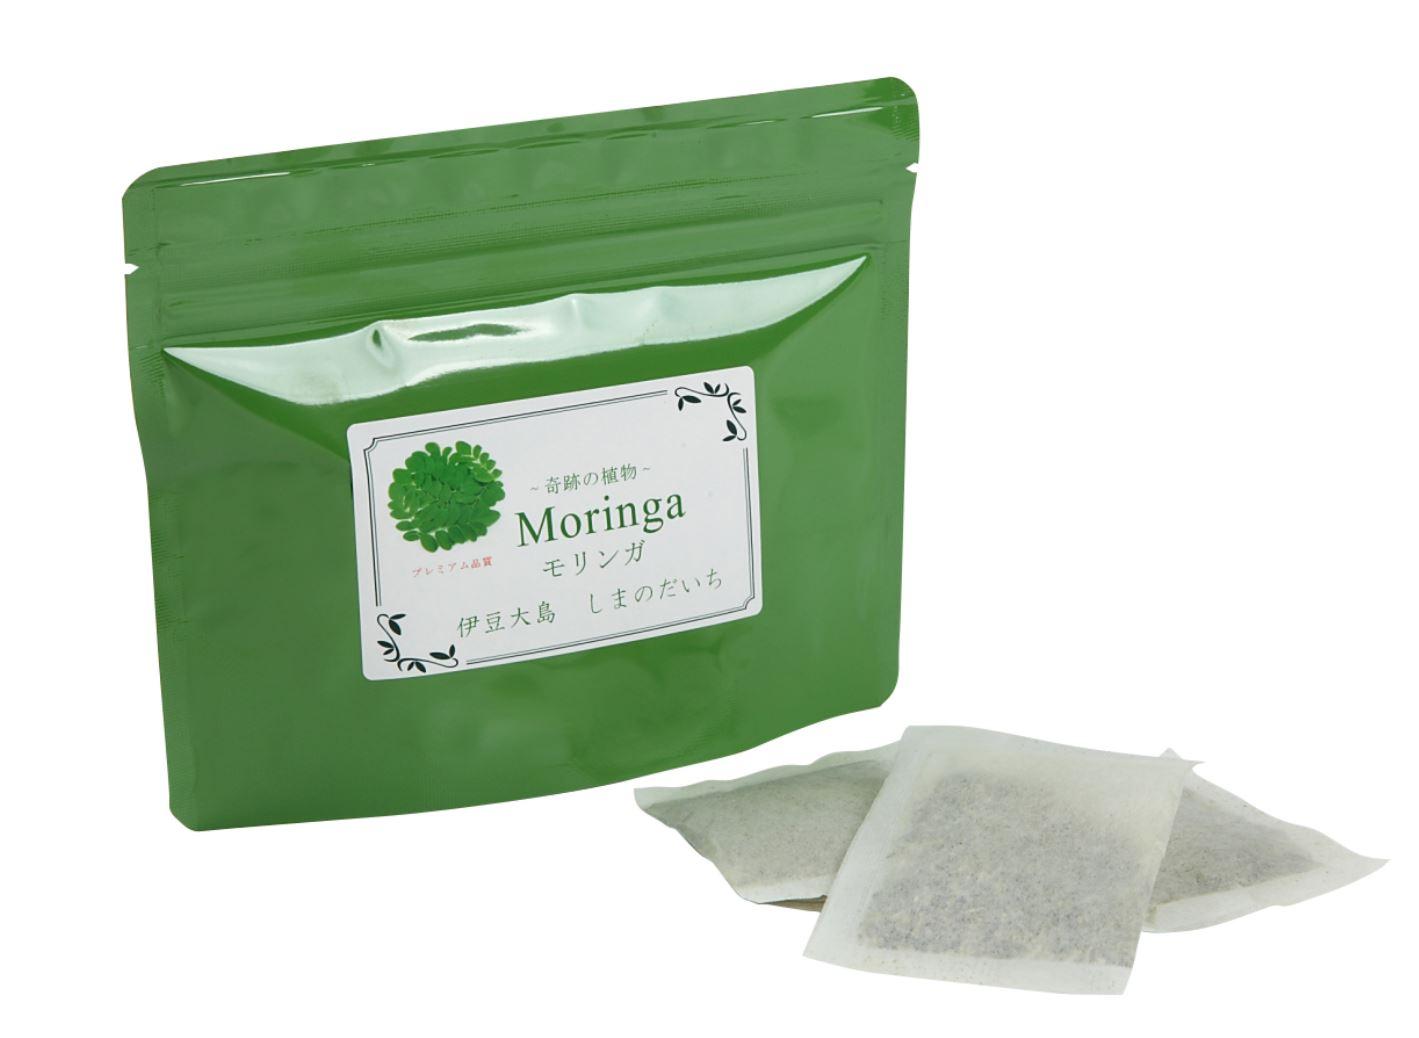 モリンガのお茶